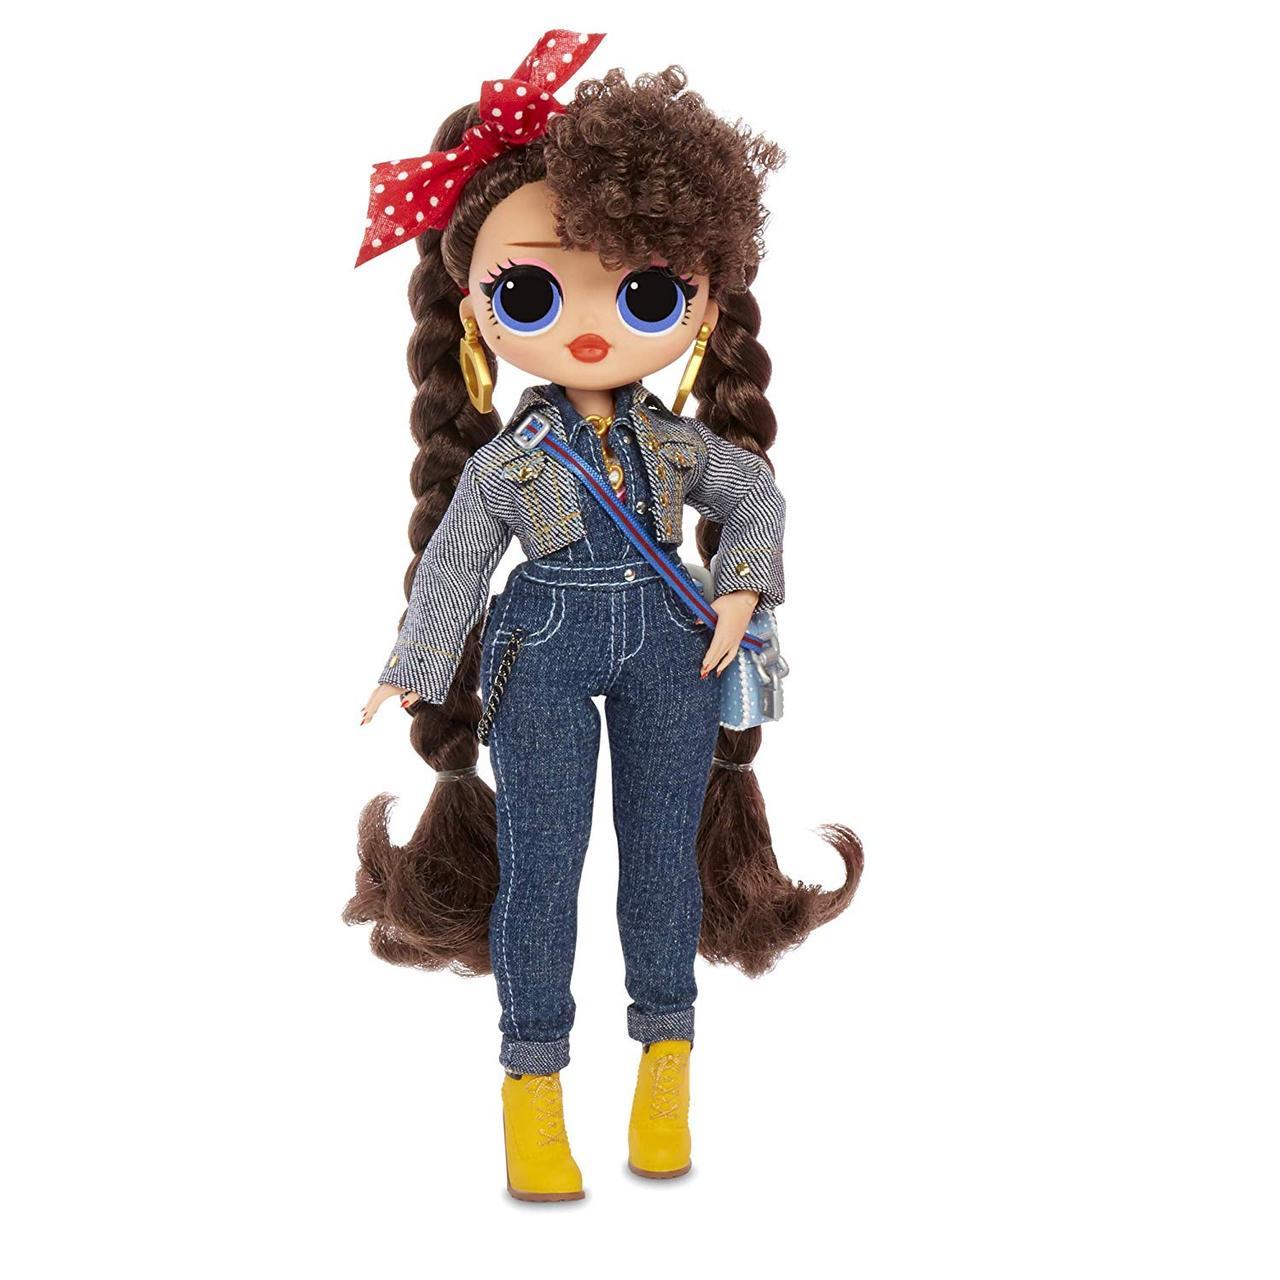 Кукла ЛОЛ Бизи Биби 2 волна L.O.L Surprise! O.M.G. Busy B.B. Fashion Doll